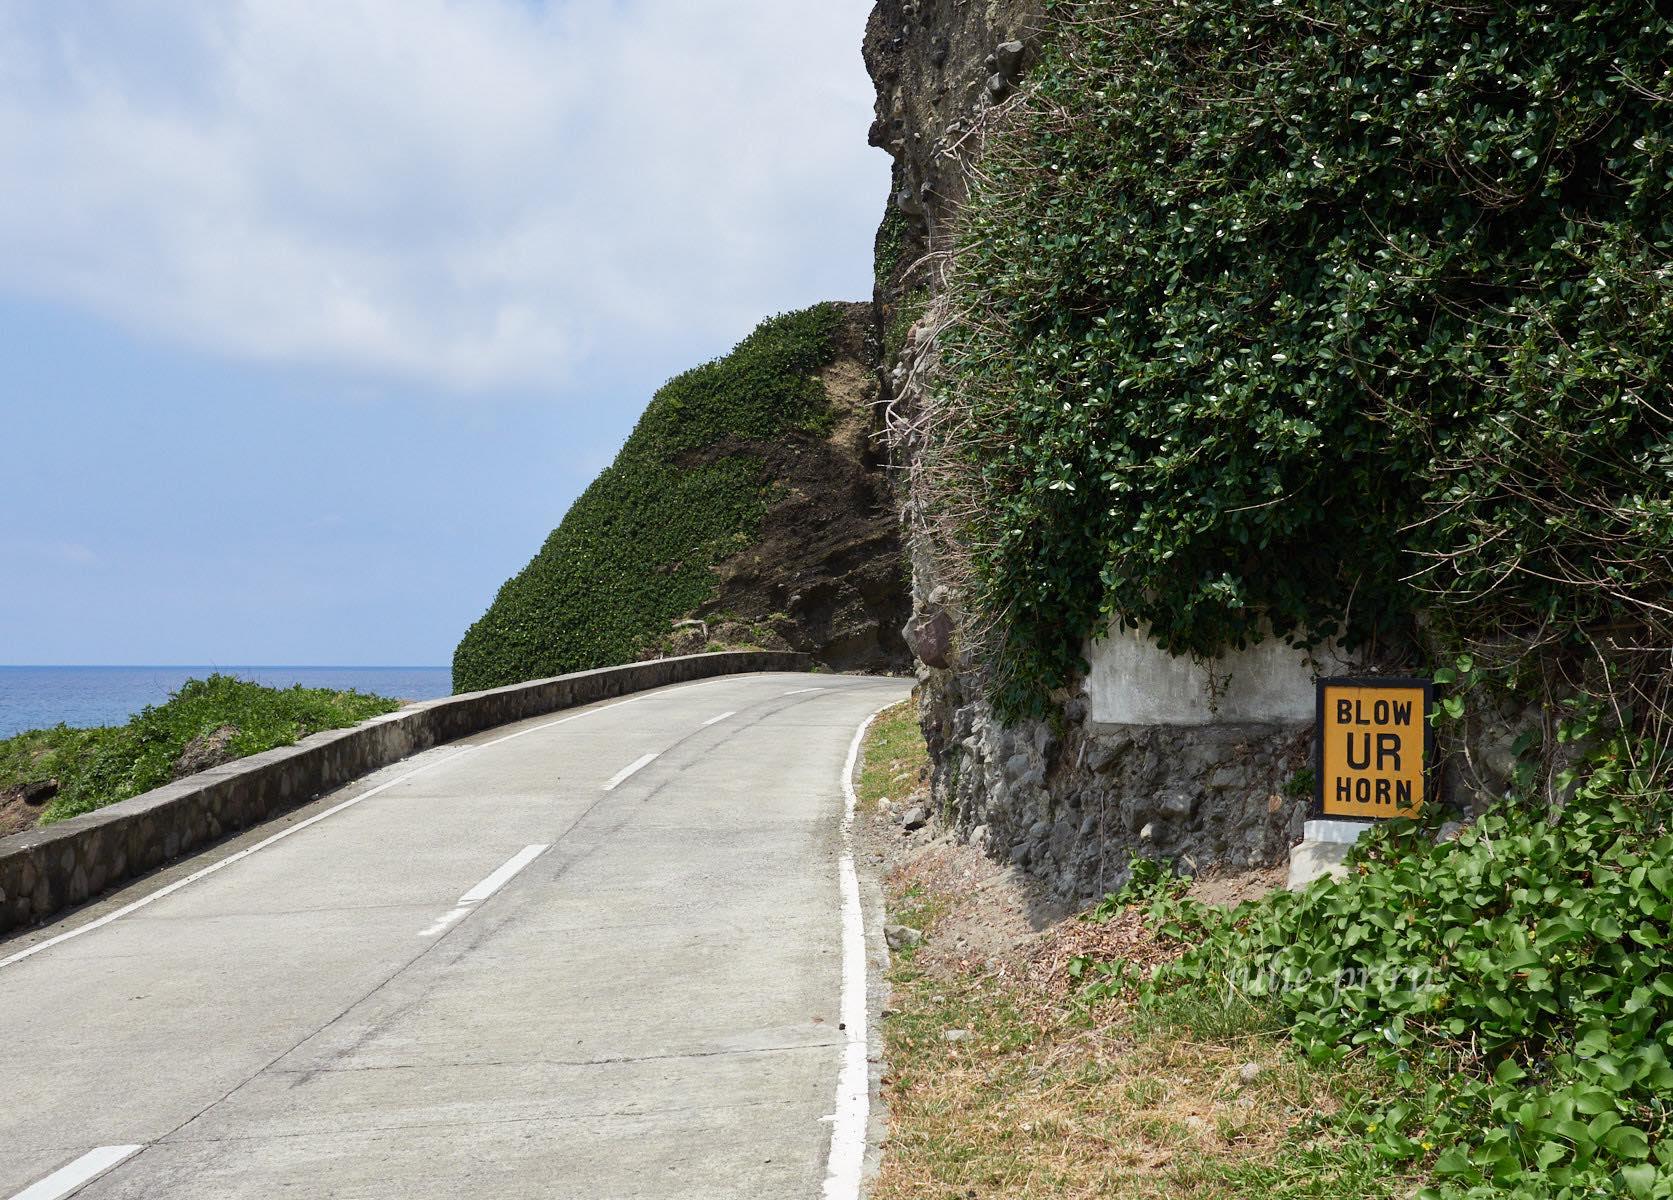 Филиппины, острова Батанес, Blow Ur Horn